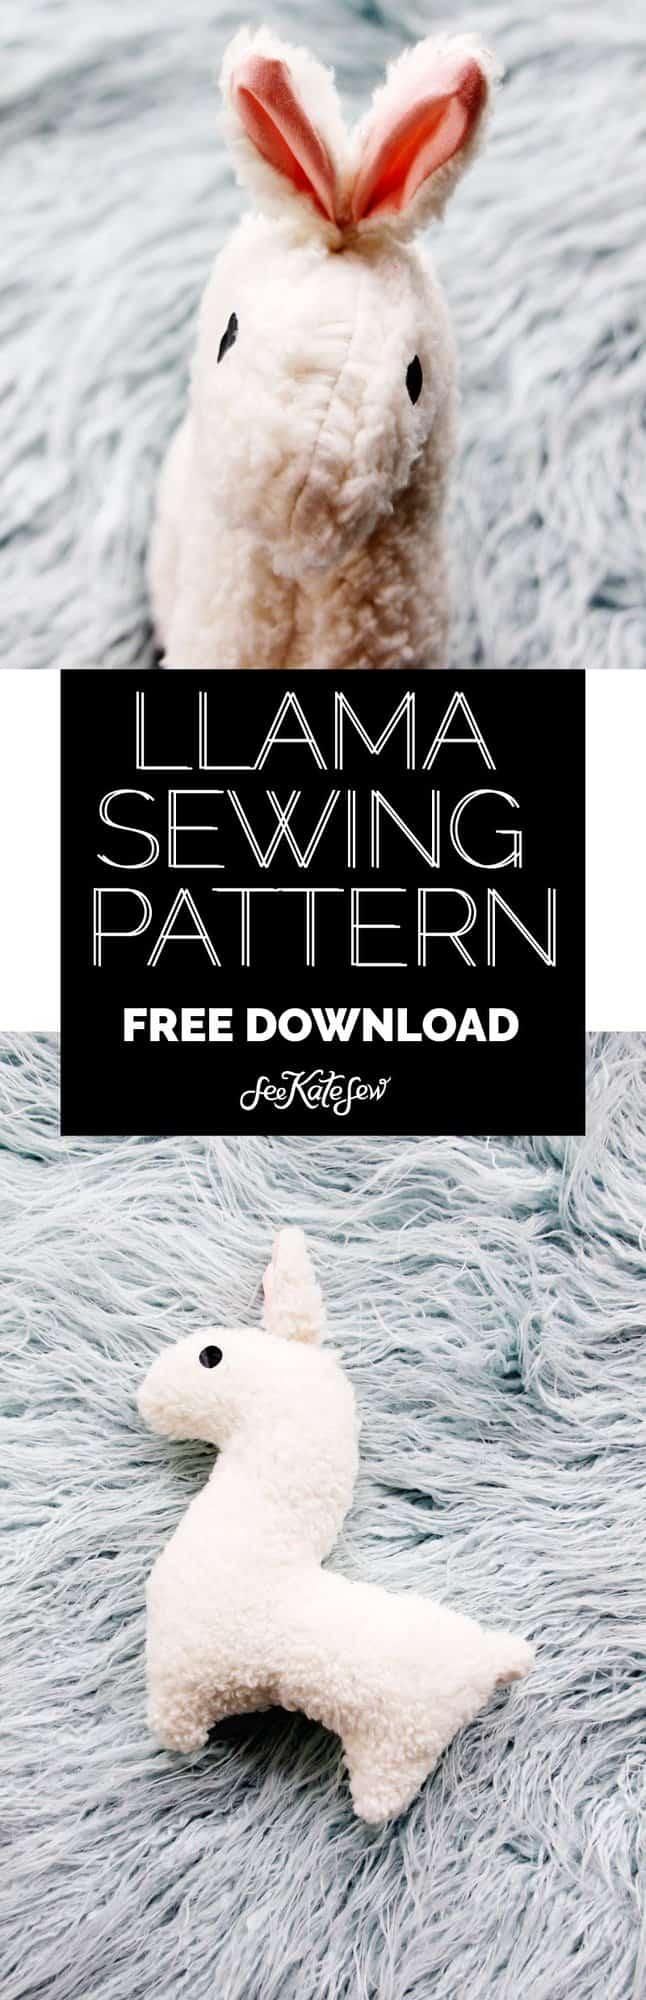 FREE stuffed llama sewing pattern